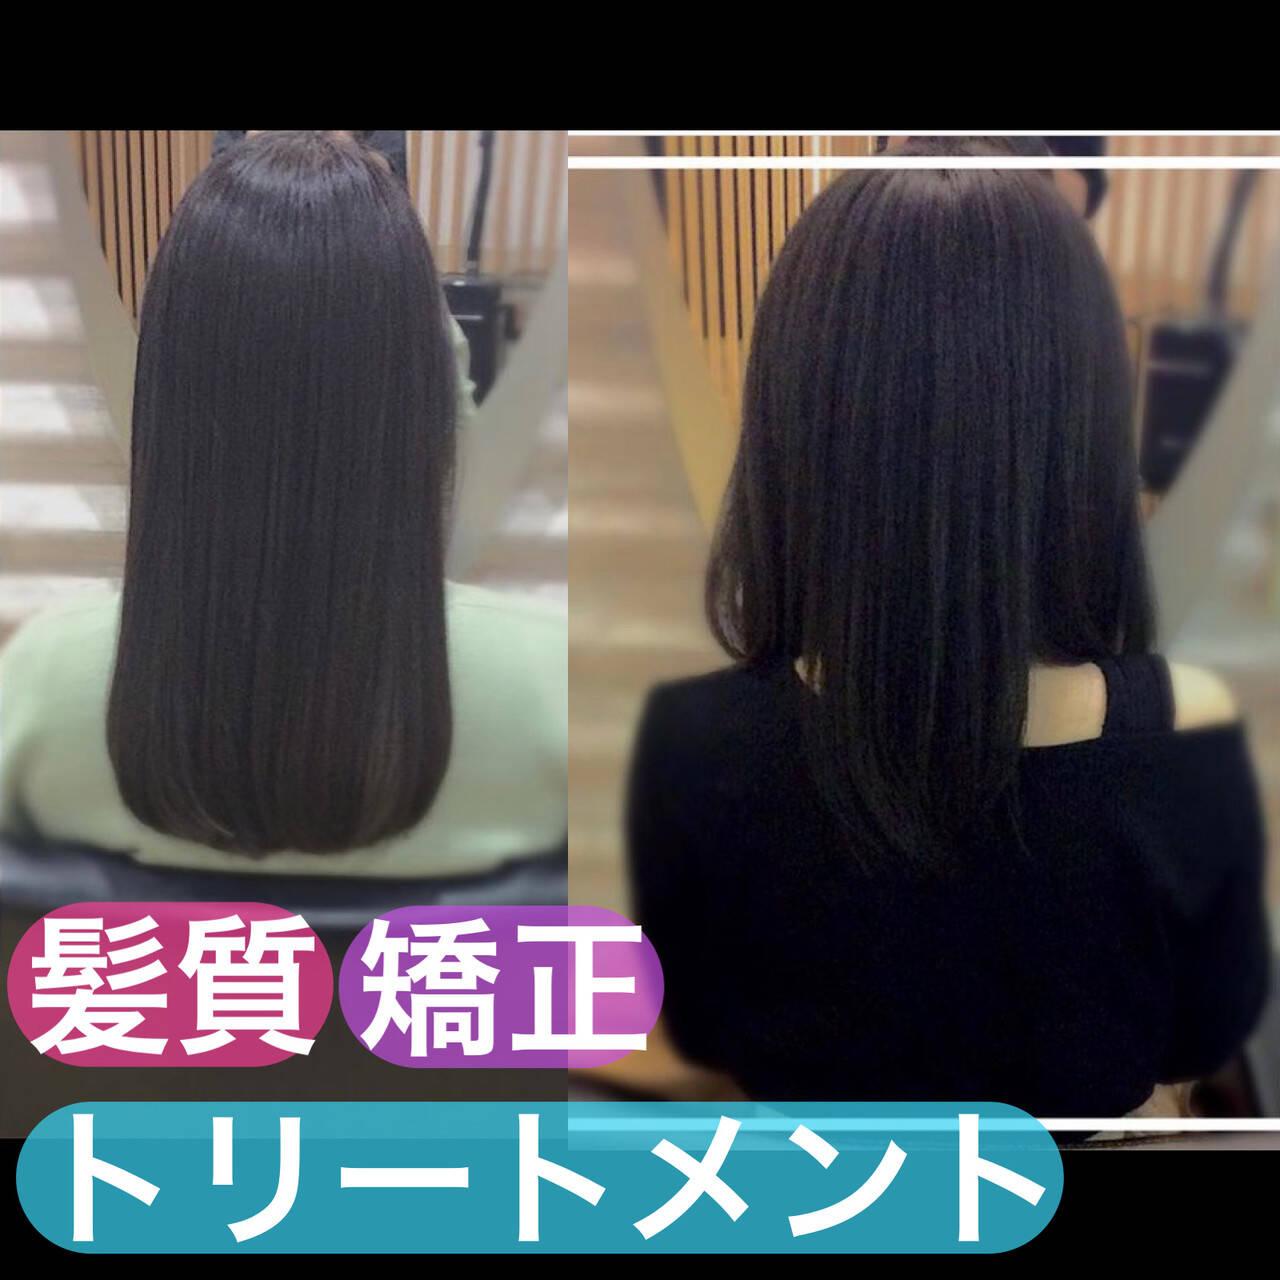 うる艶カラー 髪質改善 大人ロング セミロングヘアスタイルや髪型の写真・画像